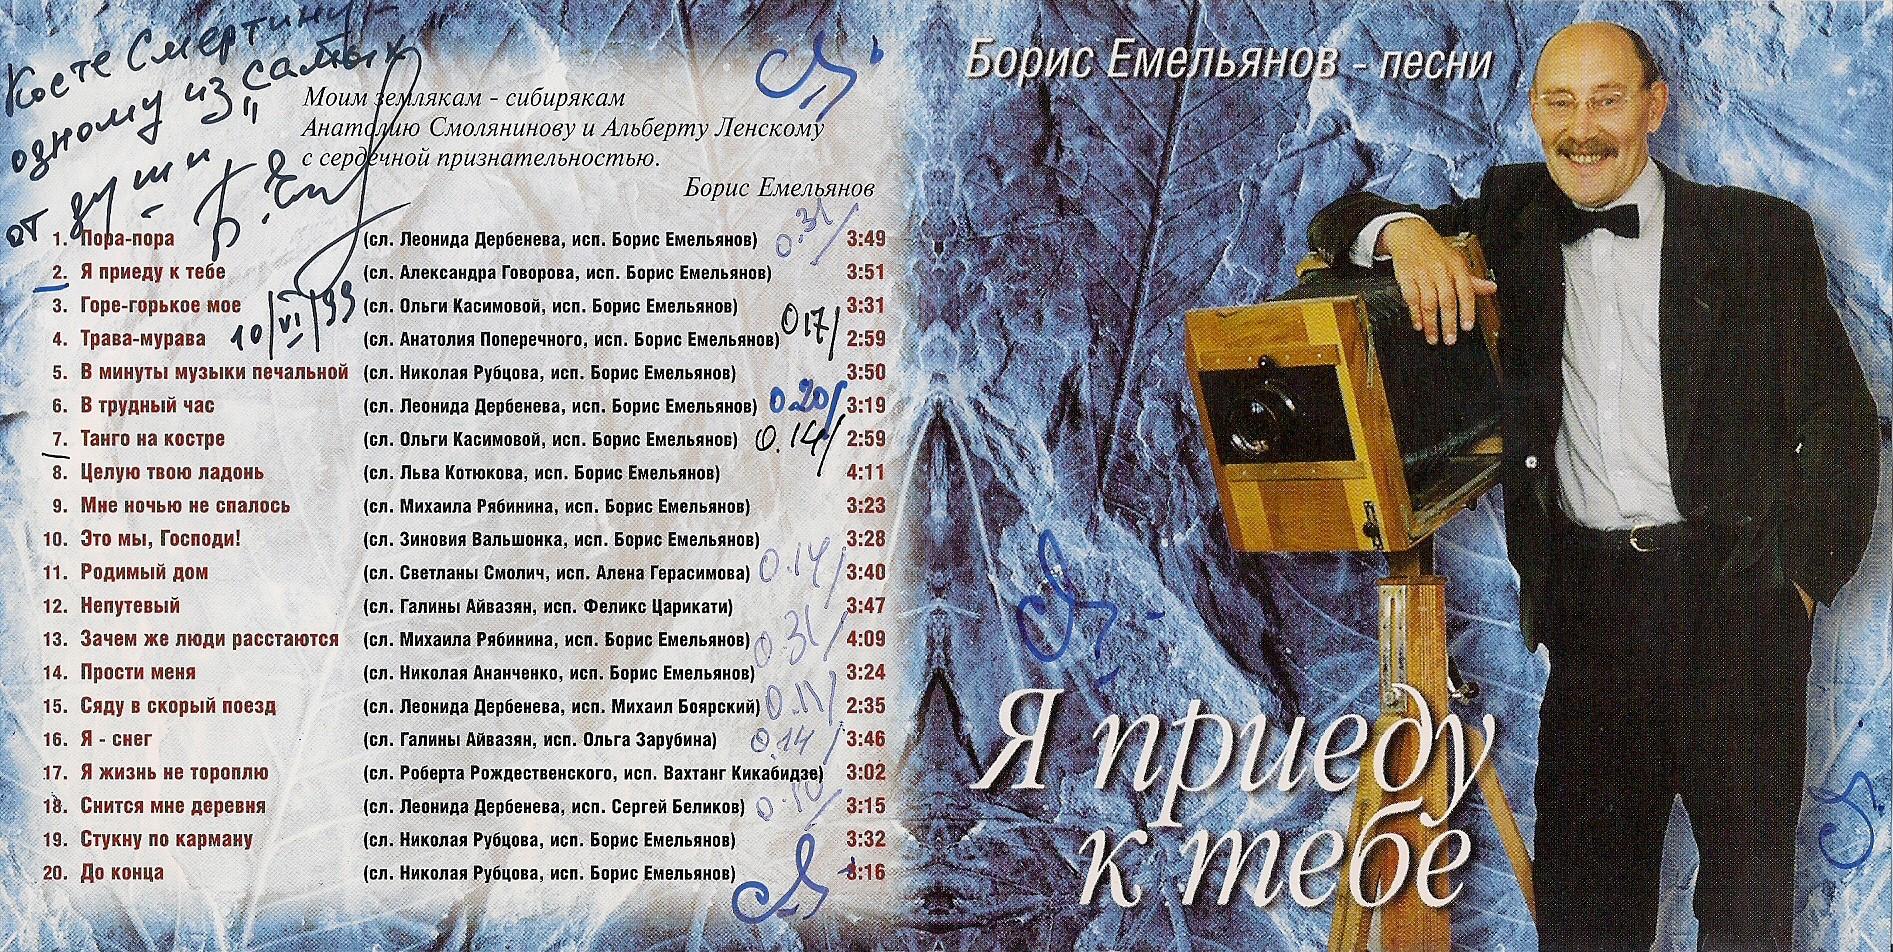 Название: _Эти песни Б.Емельянова  звучали на Маяке.jpg Просмотров: 75  Размер: 1.03 Мб